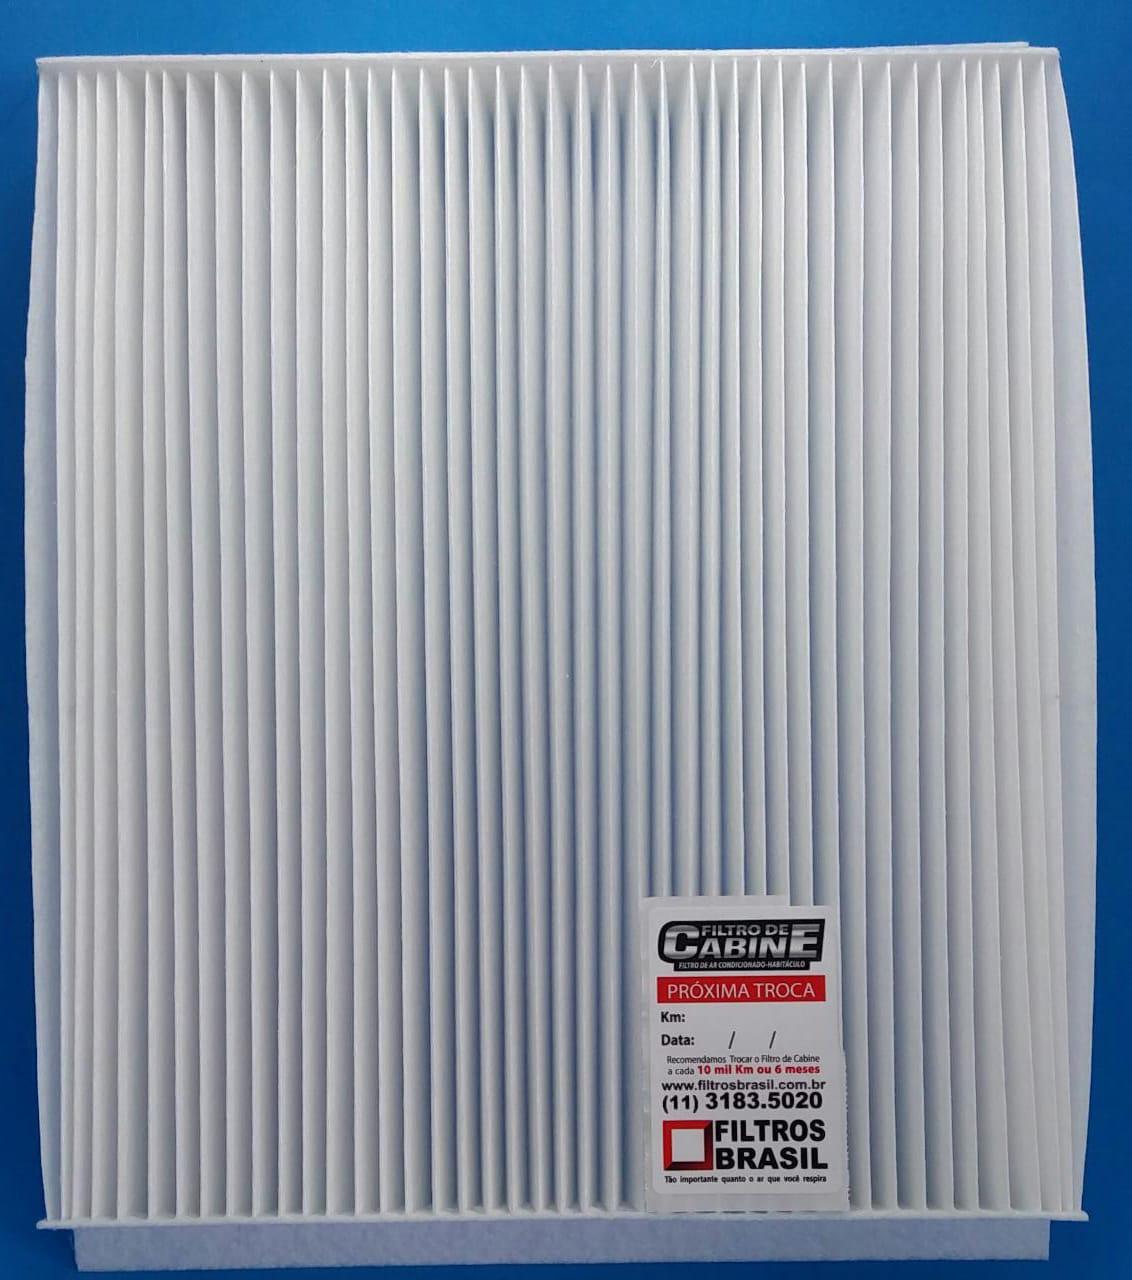 Filtro Cabine-Meriva 1.4 8V Econo Flex 08-FB704